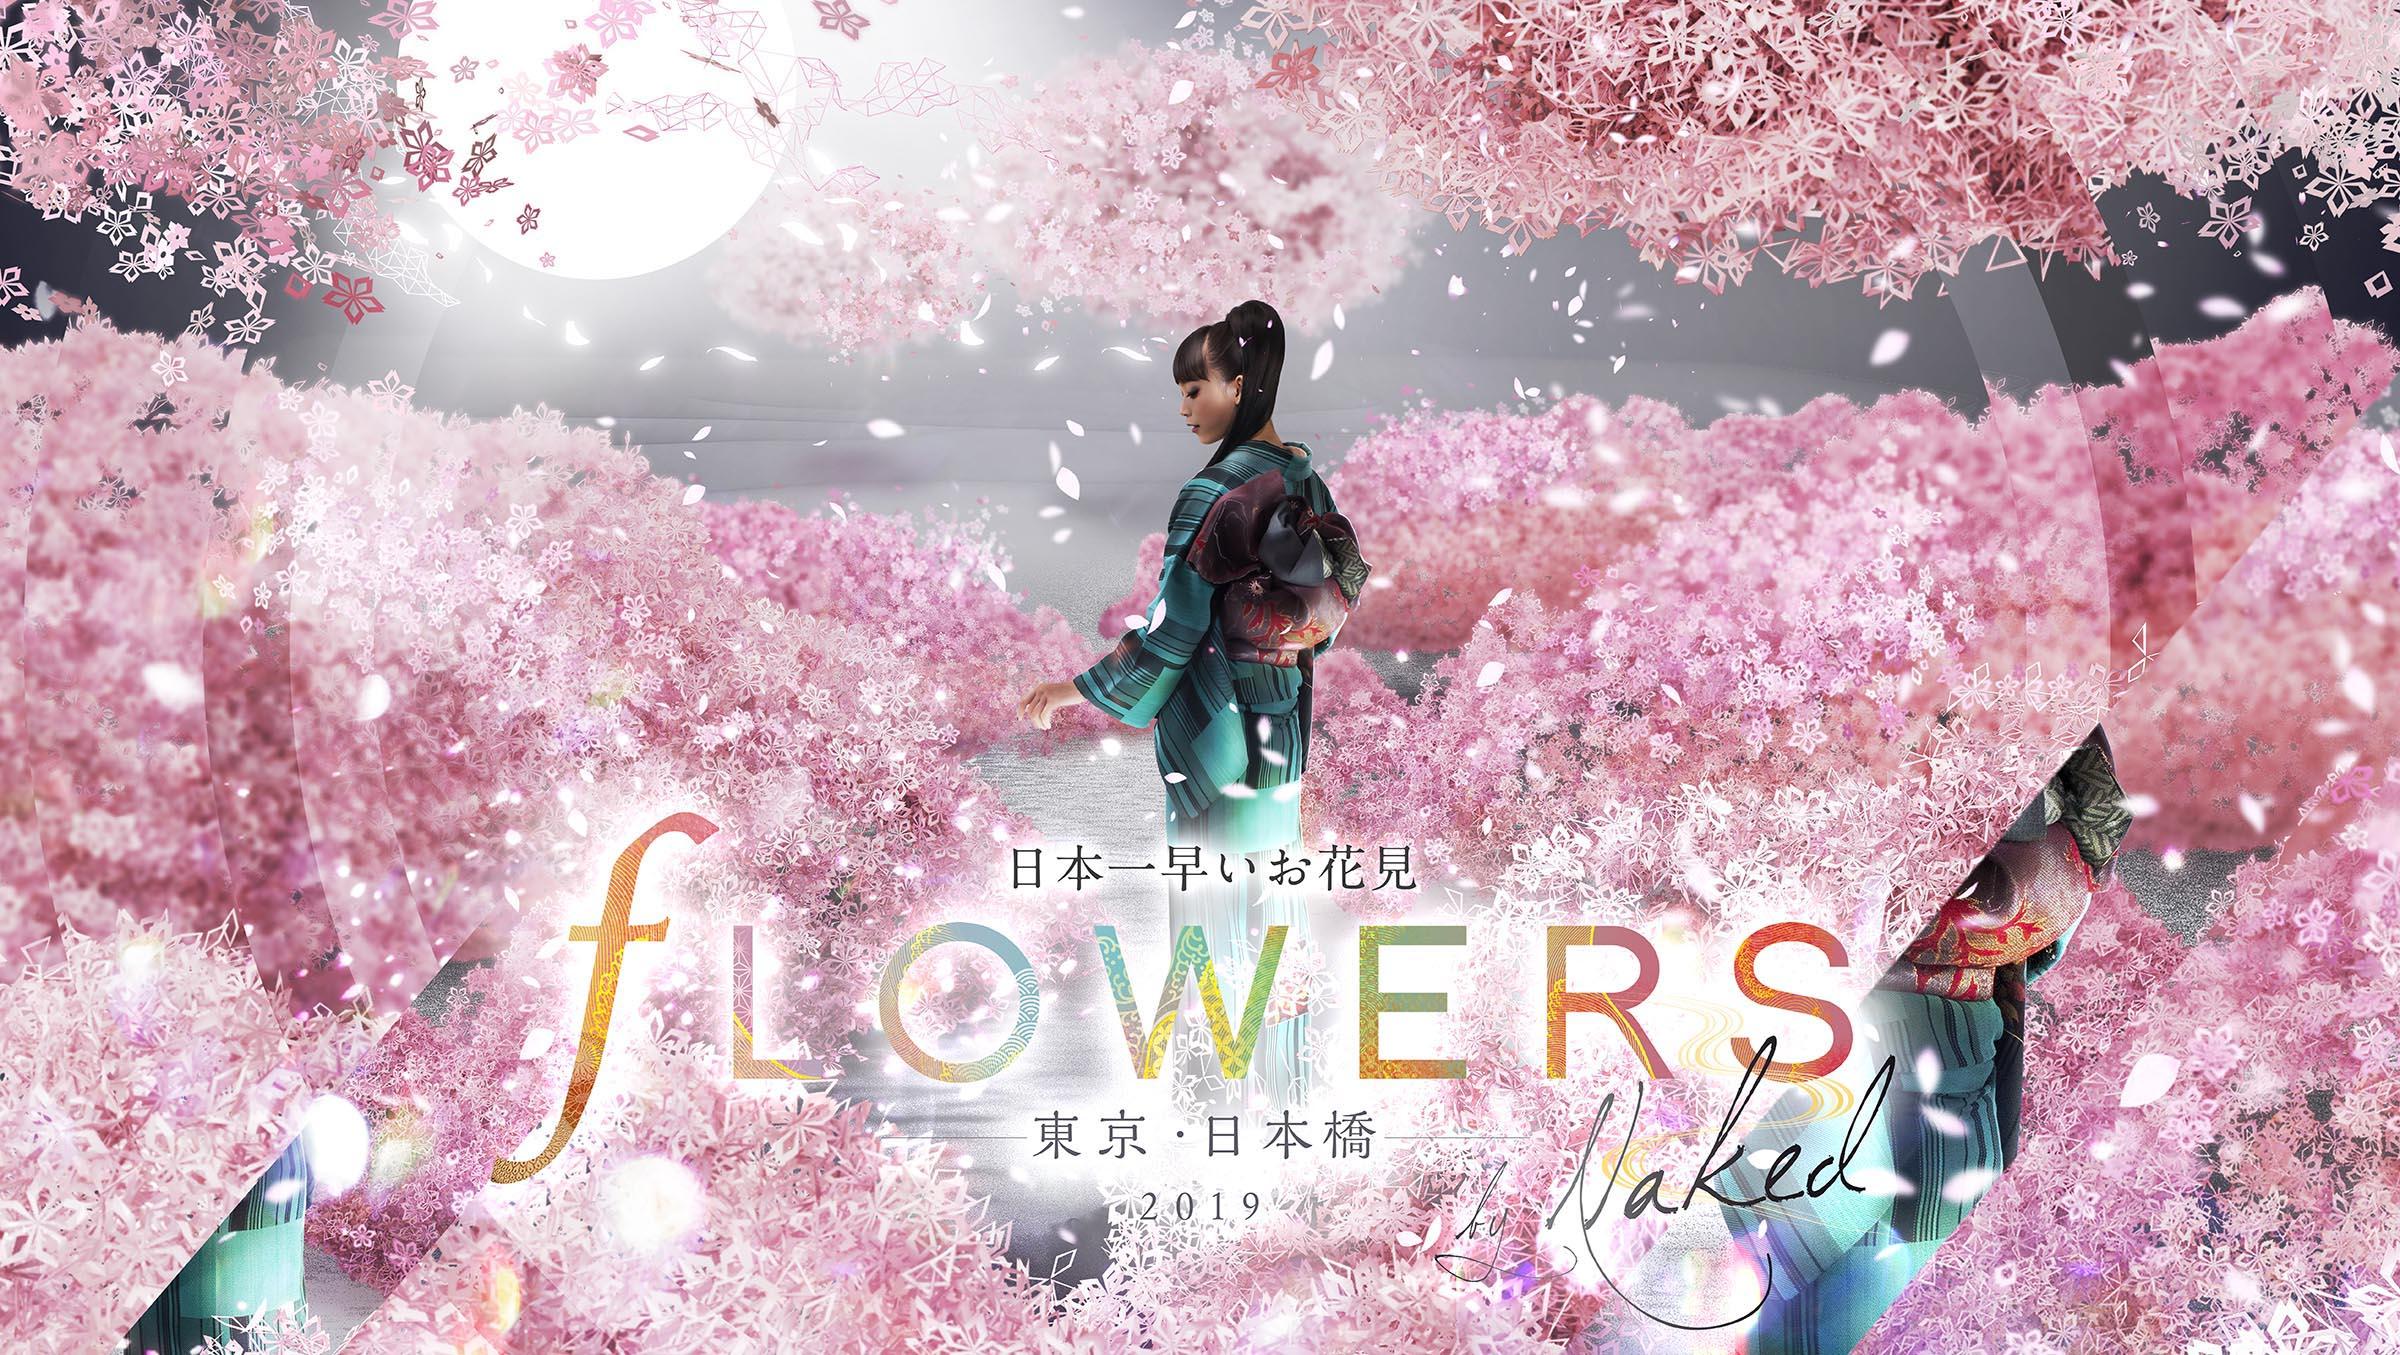 日本橋三井ホール「FLOWERS BY NAKED 2019 ー東京・日本橋ー」